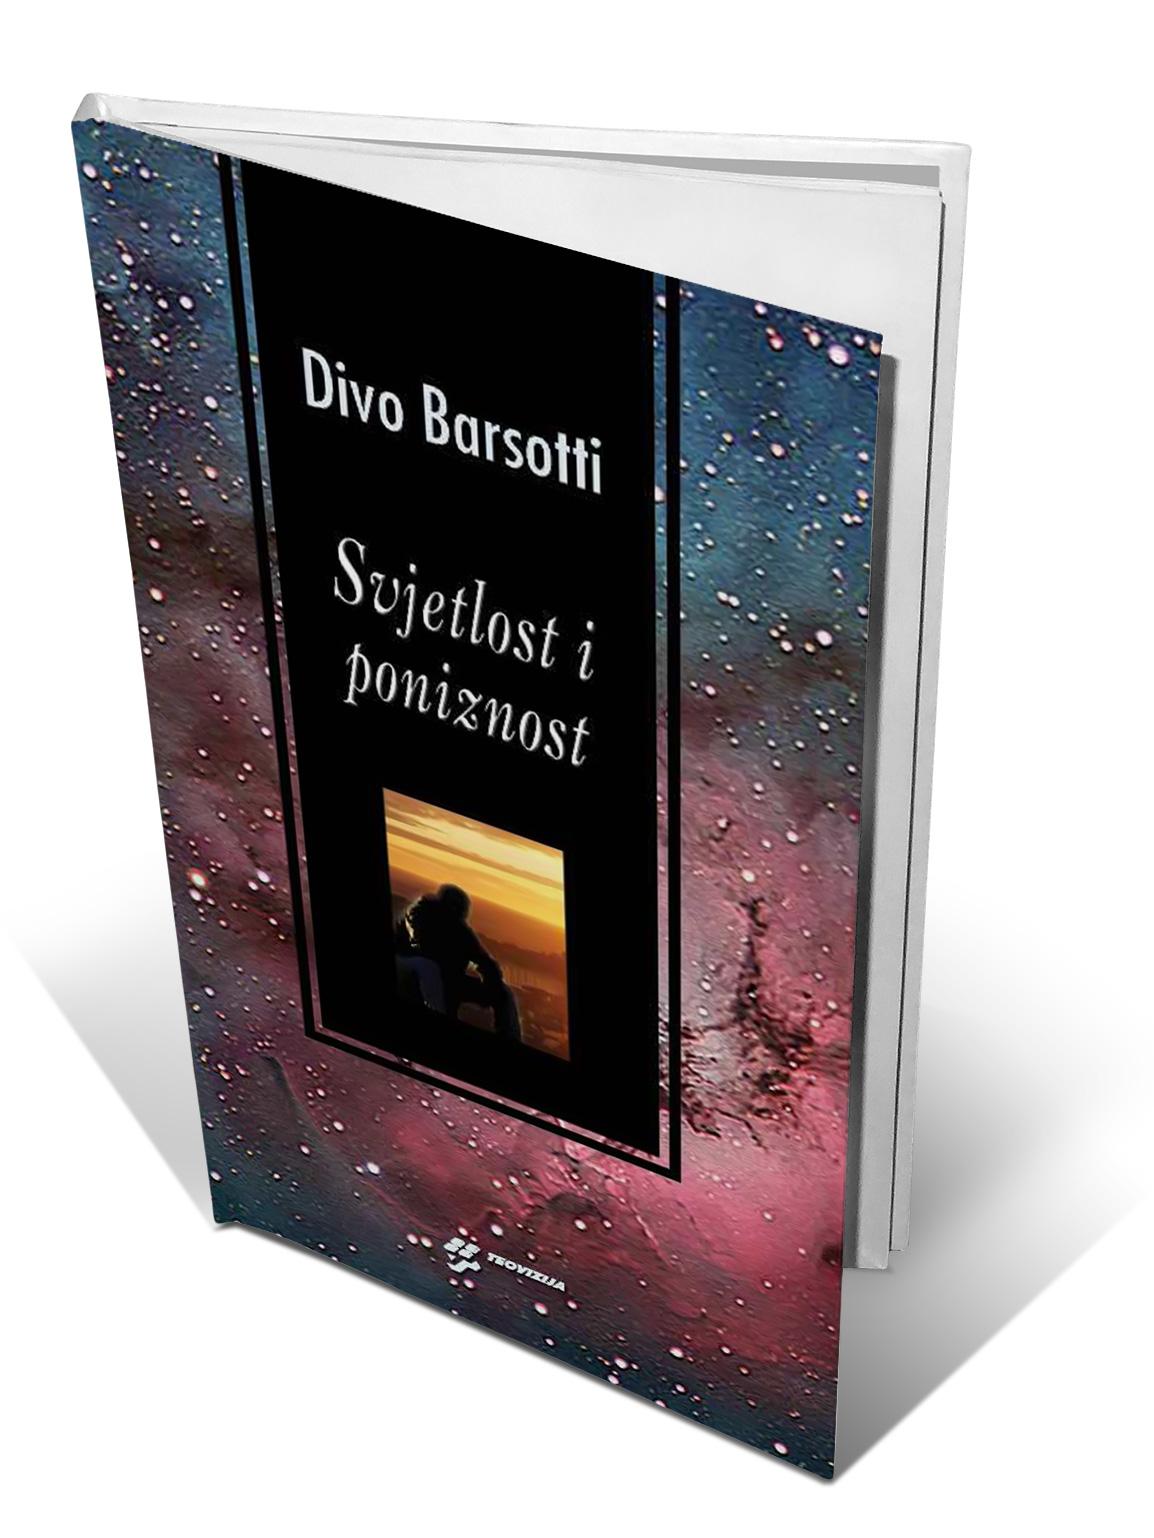 SVJETLOST I PONIZNOST - Divo Barsotti